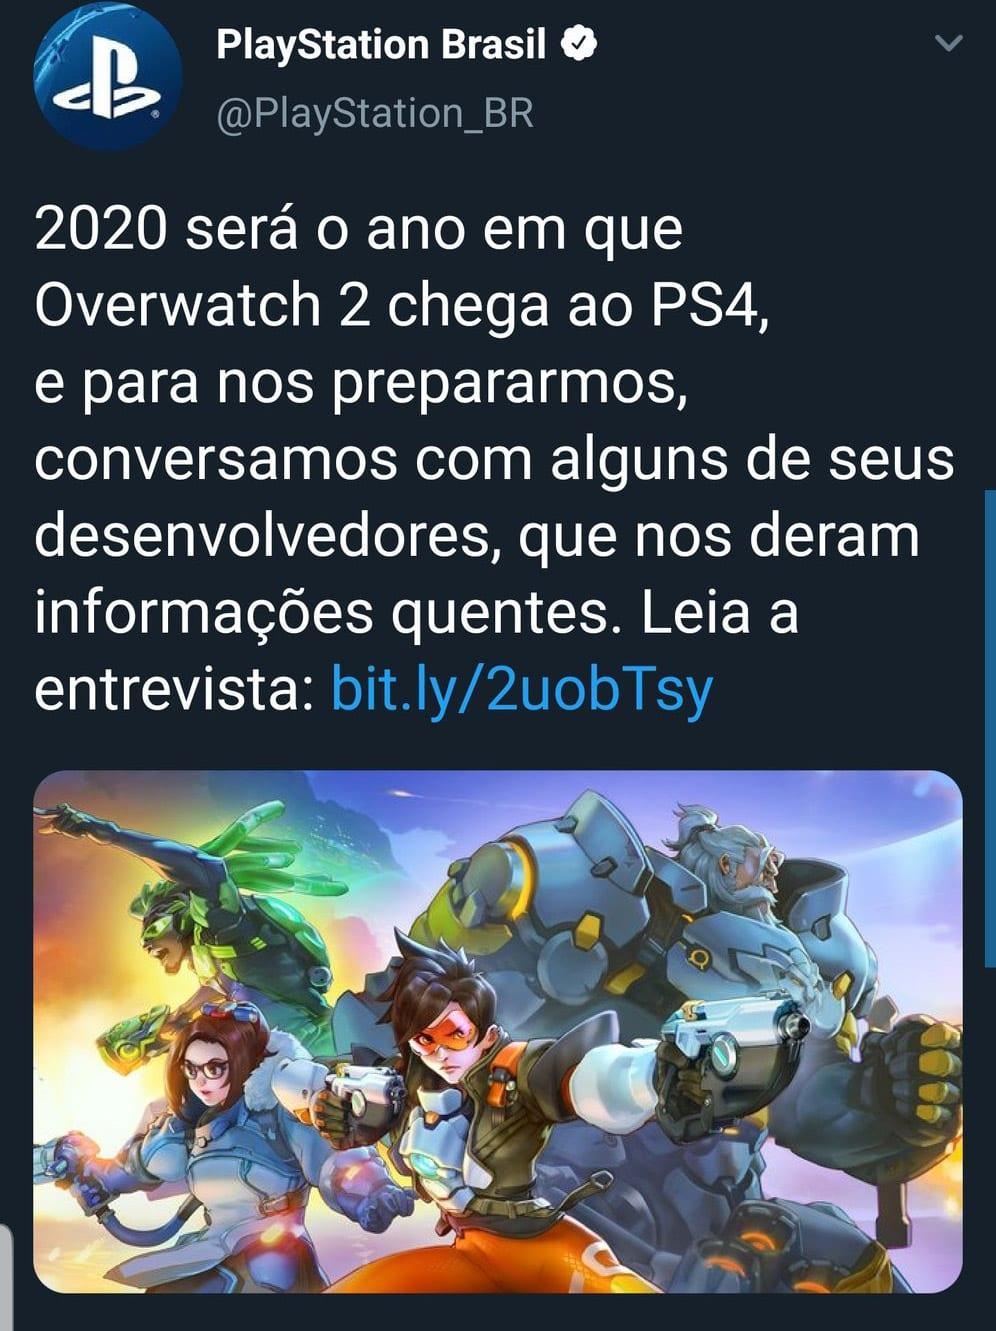 PlayStation confirma que Overwatch 2 vai chegar em 2020